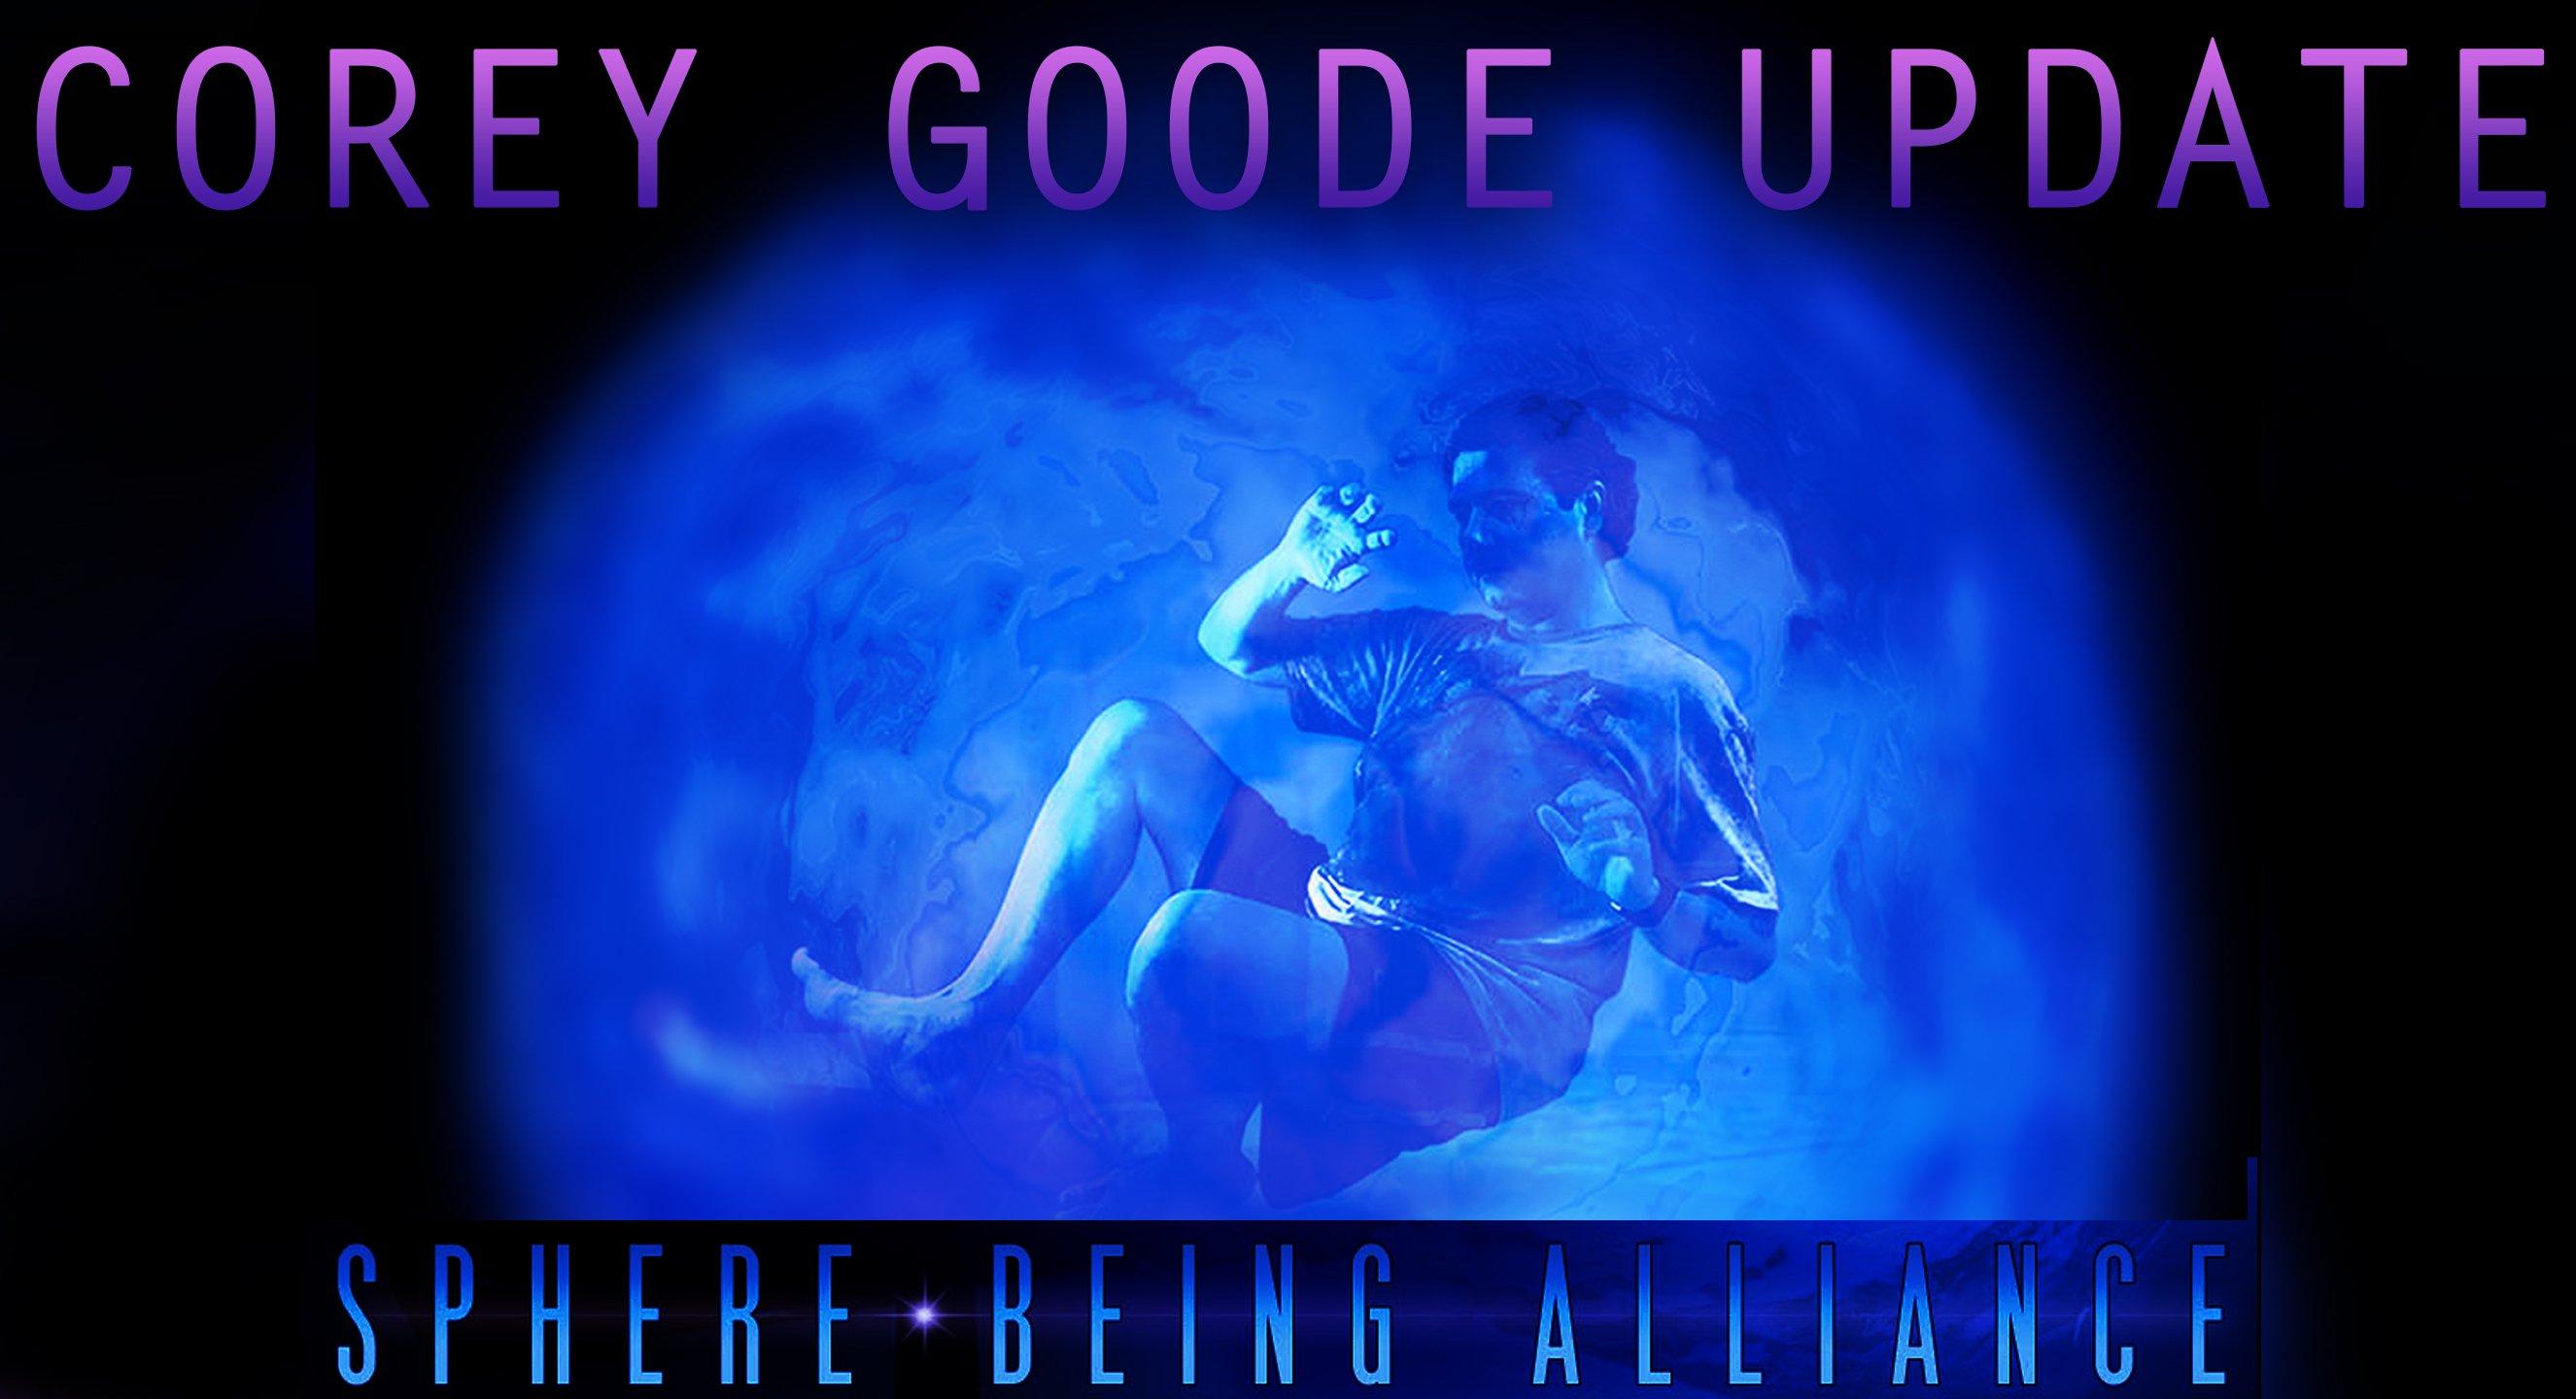 Corey Goode | Le point sur l'Alliance : nouvelle phase des opérations, préparatifs en cours, grands jurys secrets